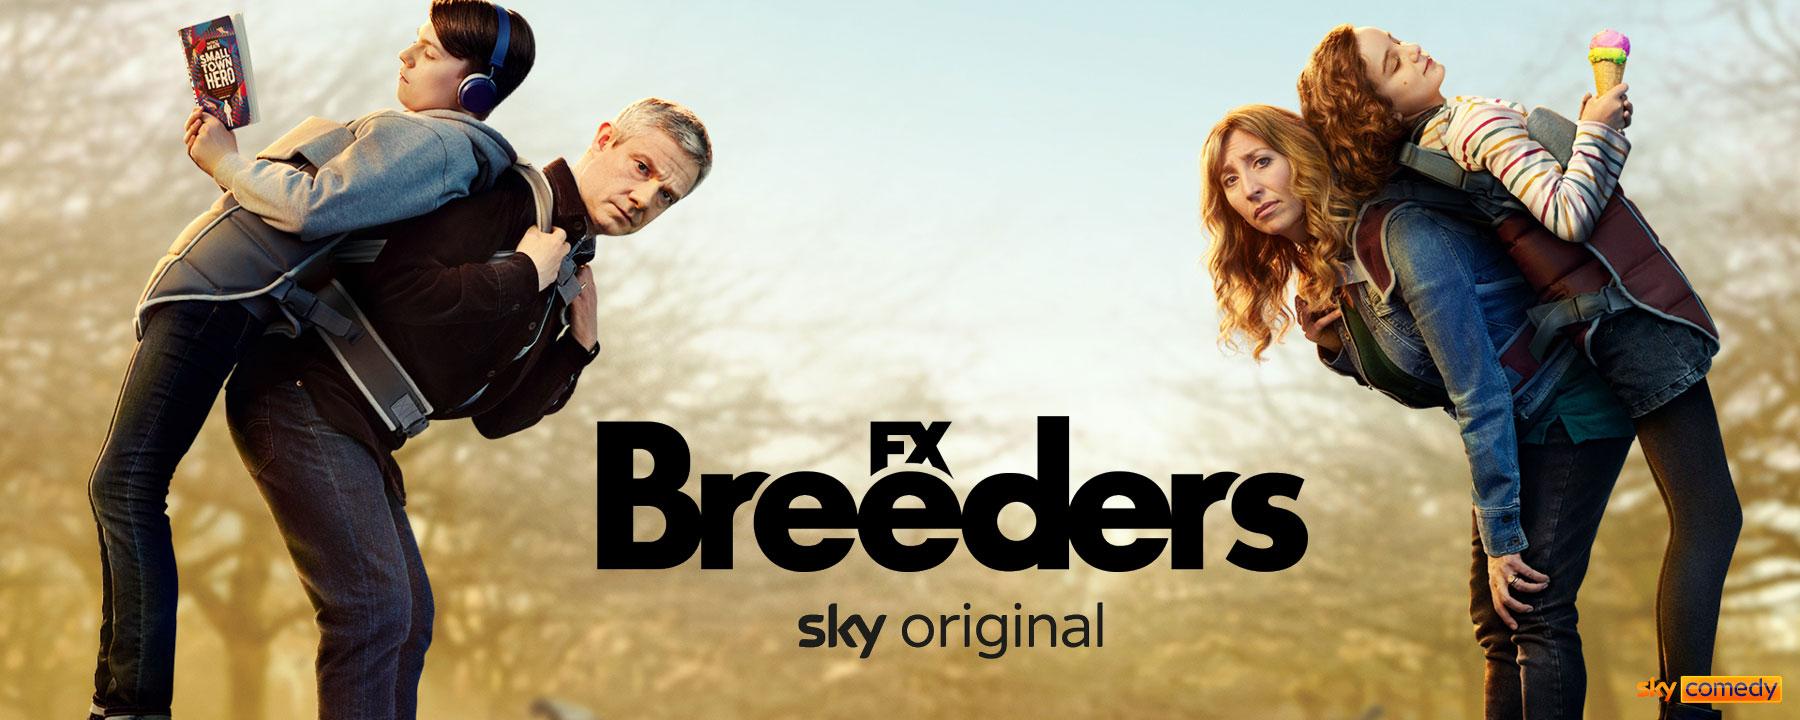 Sky Original Breeders